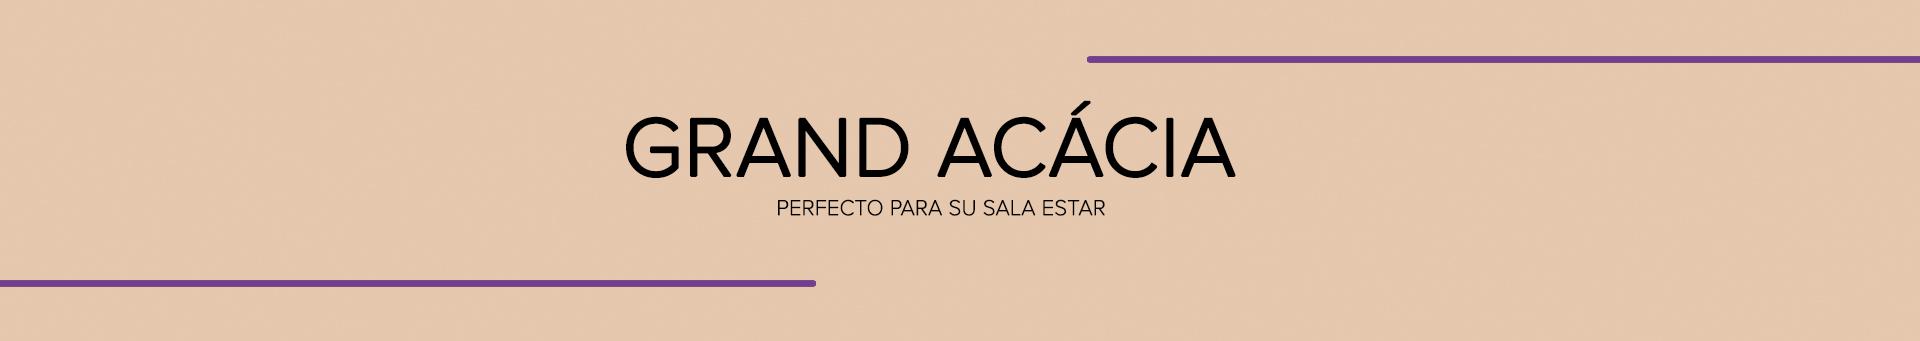 Centro de entretenimento Grand Acácia